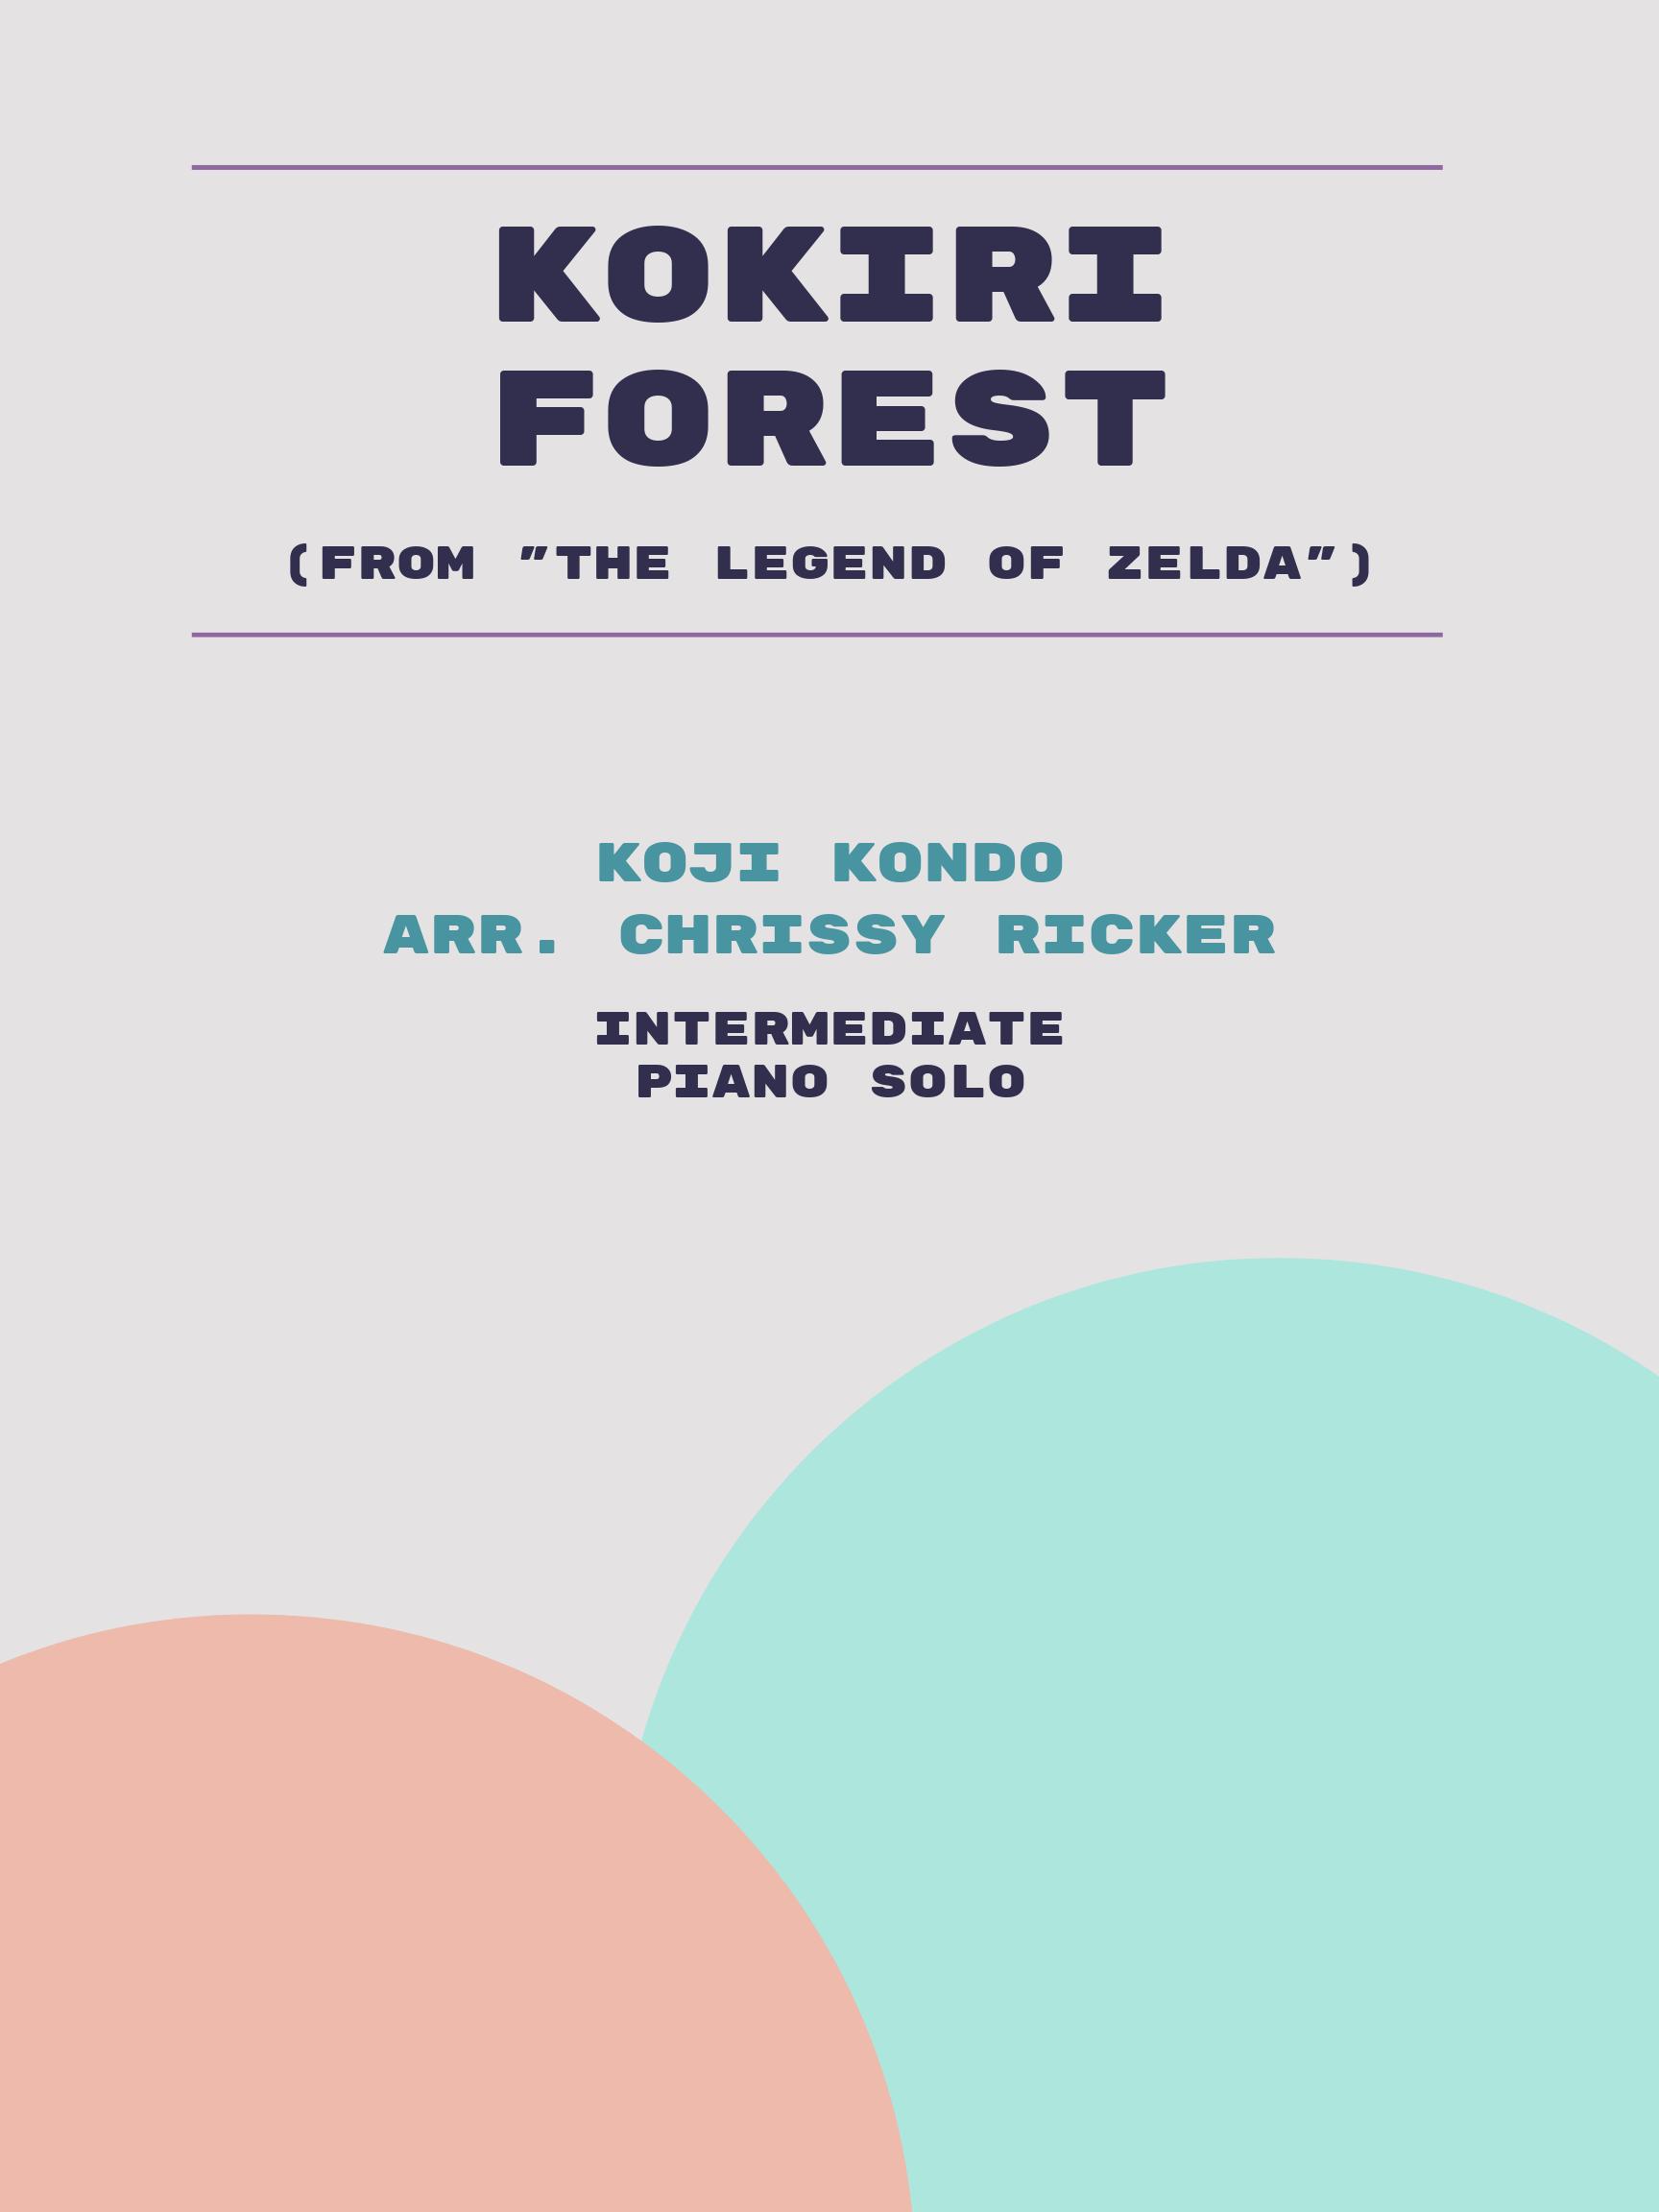 Kokiri Forest by Koji Kondo